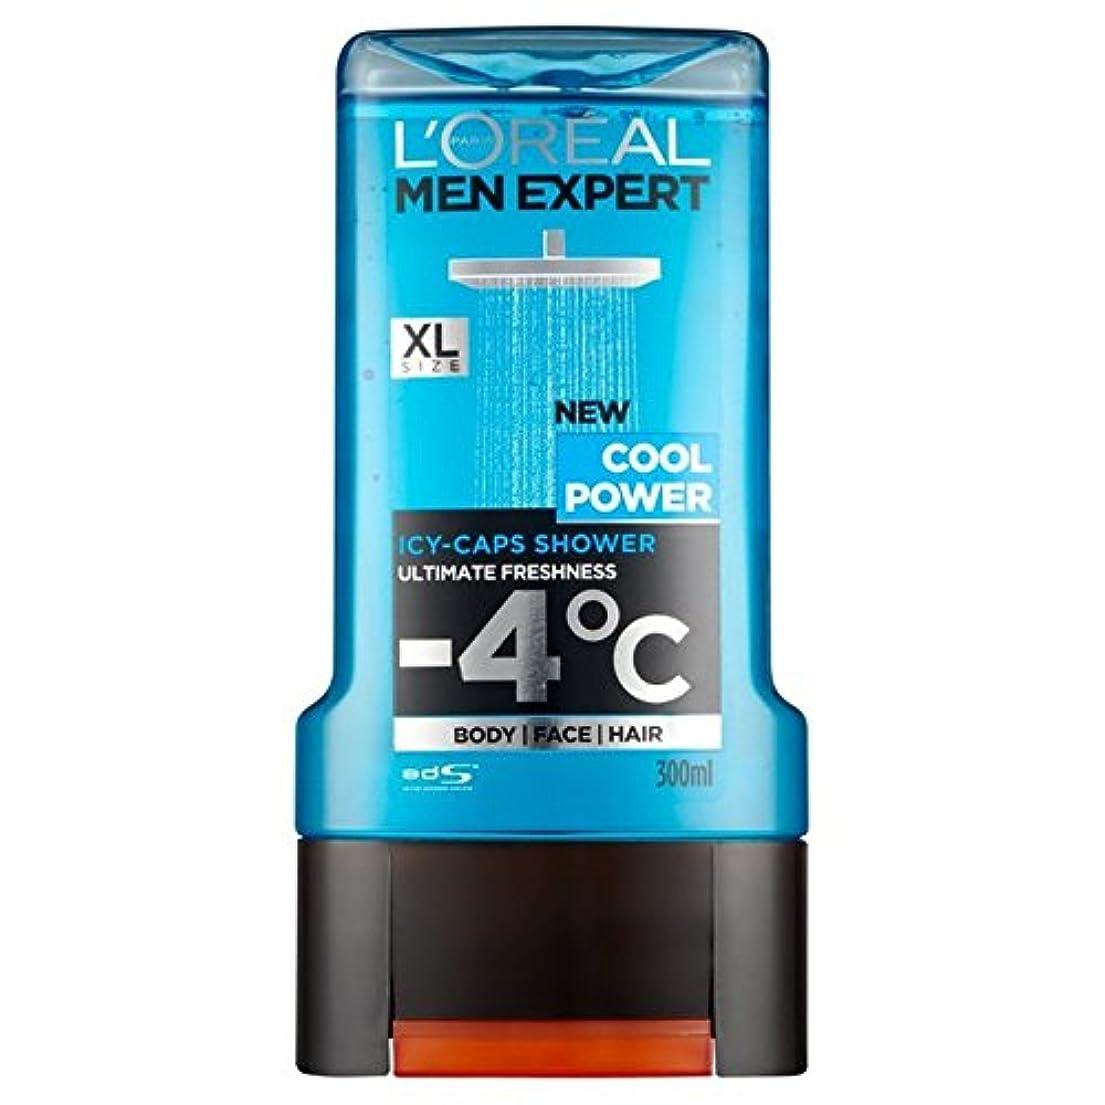 保存形容詞遠征L'Oreal Paris Men Expert Cool Power Shower Gel 300ml - ロレアルパリの男性の専門家のクールなパワーシャワージェル300ミリリットル [並行輸入品]